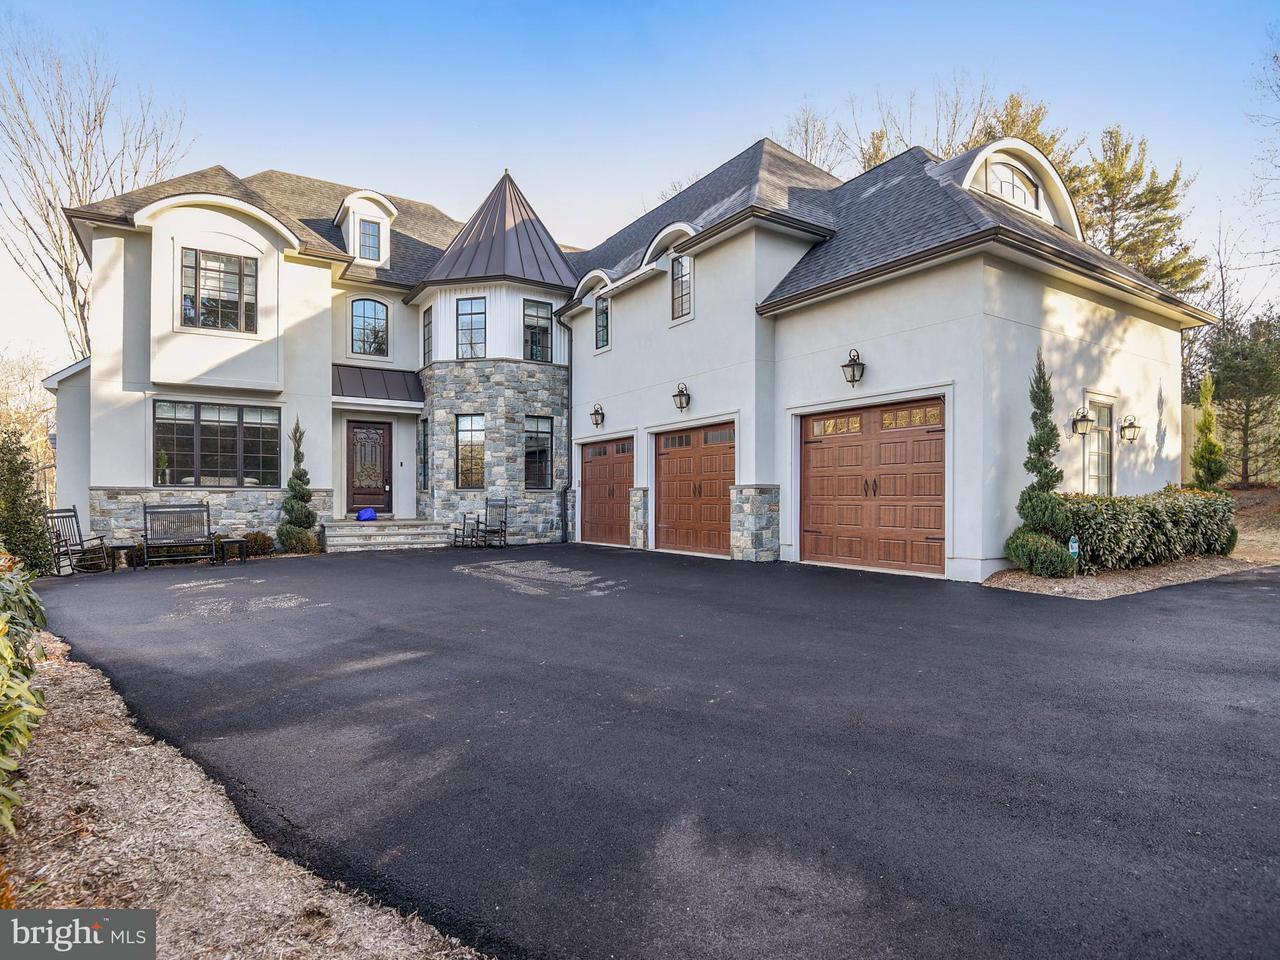 独户住宅 为 销售 在 3309 Fox Mill Road 3309 Fox Mill Road 奥克顿, 弗吉尼亚州 22124 美国